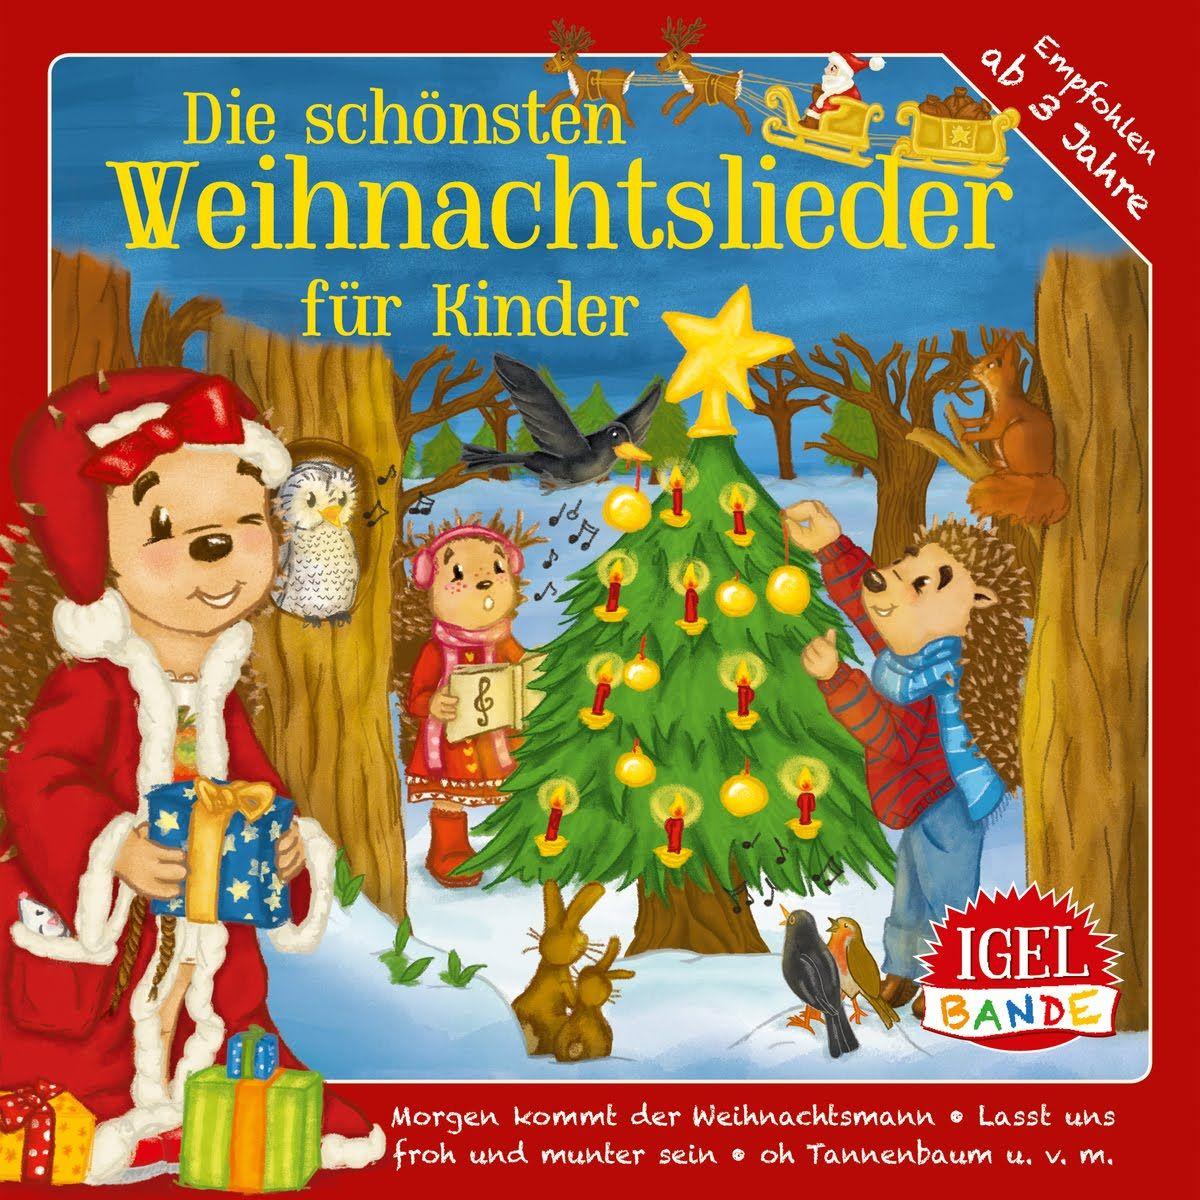 Igel-Bande - Fröhliche Weihnacht (Macht euch bereit)   Weihnachten ...